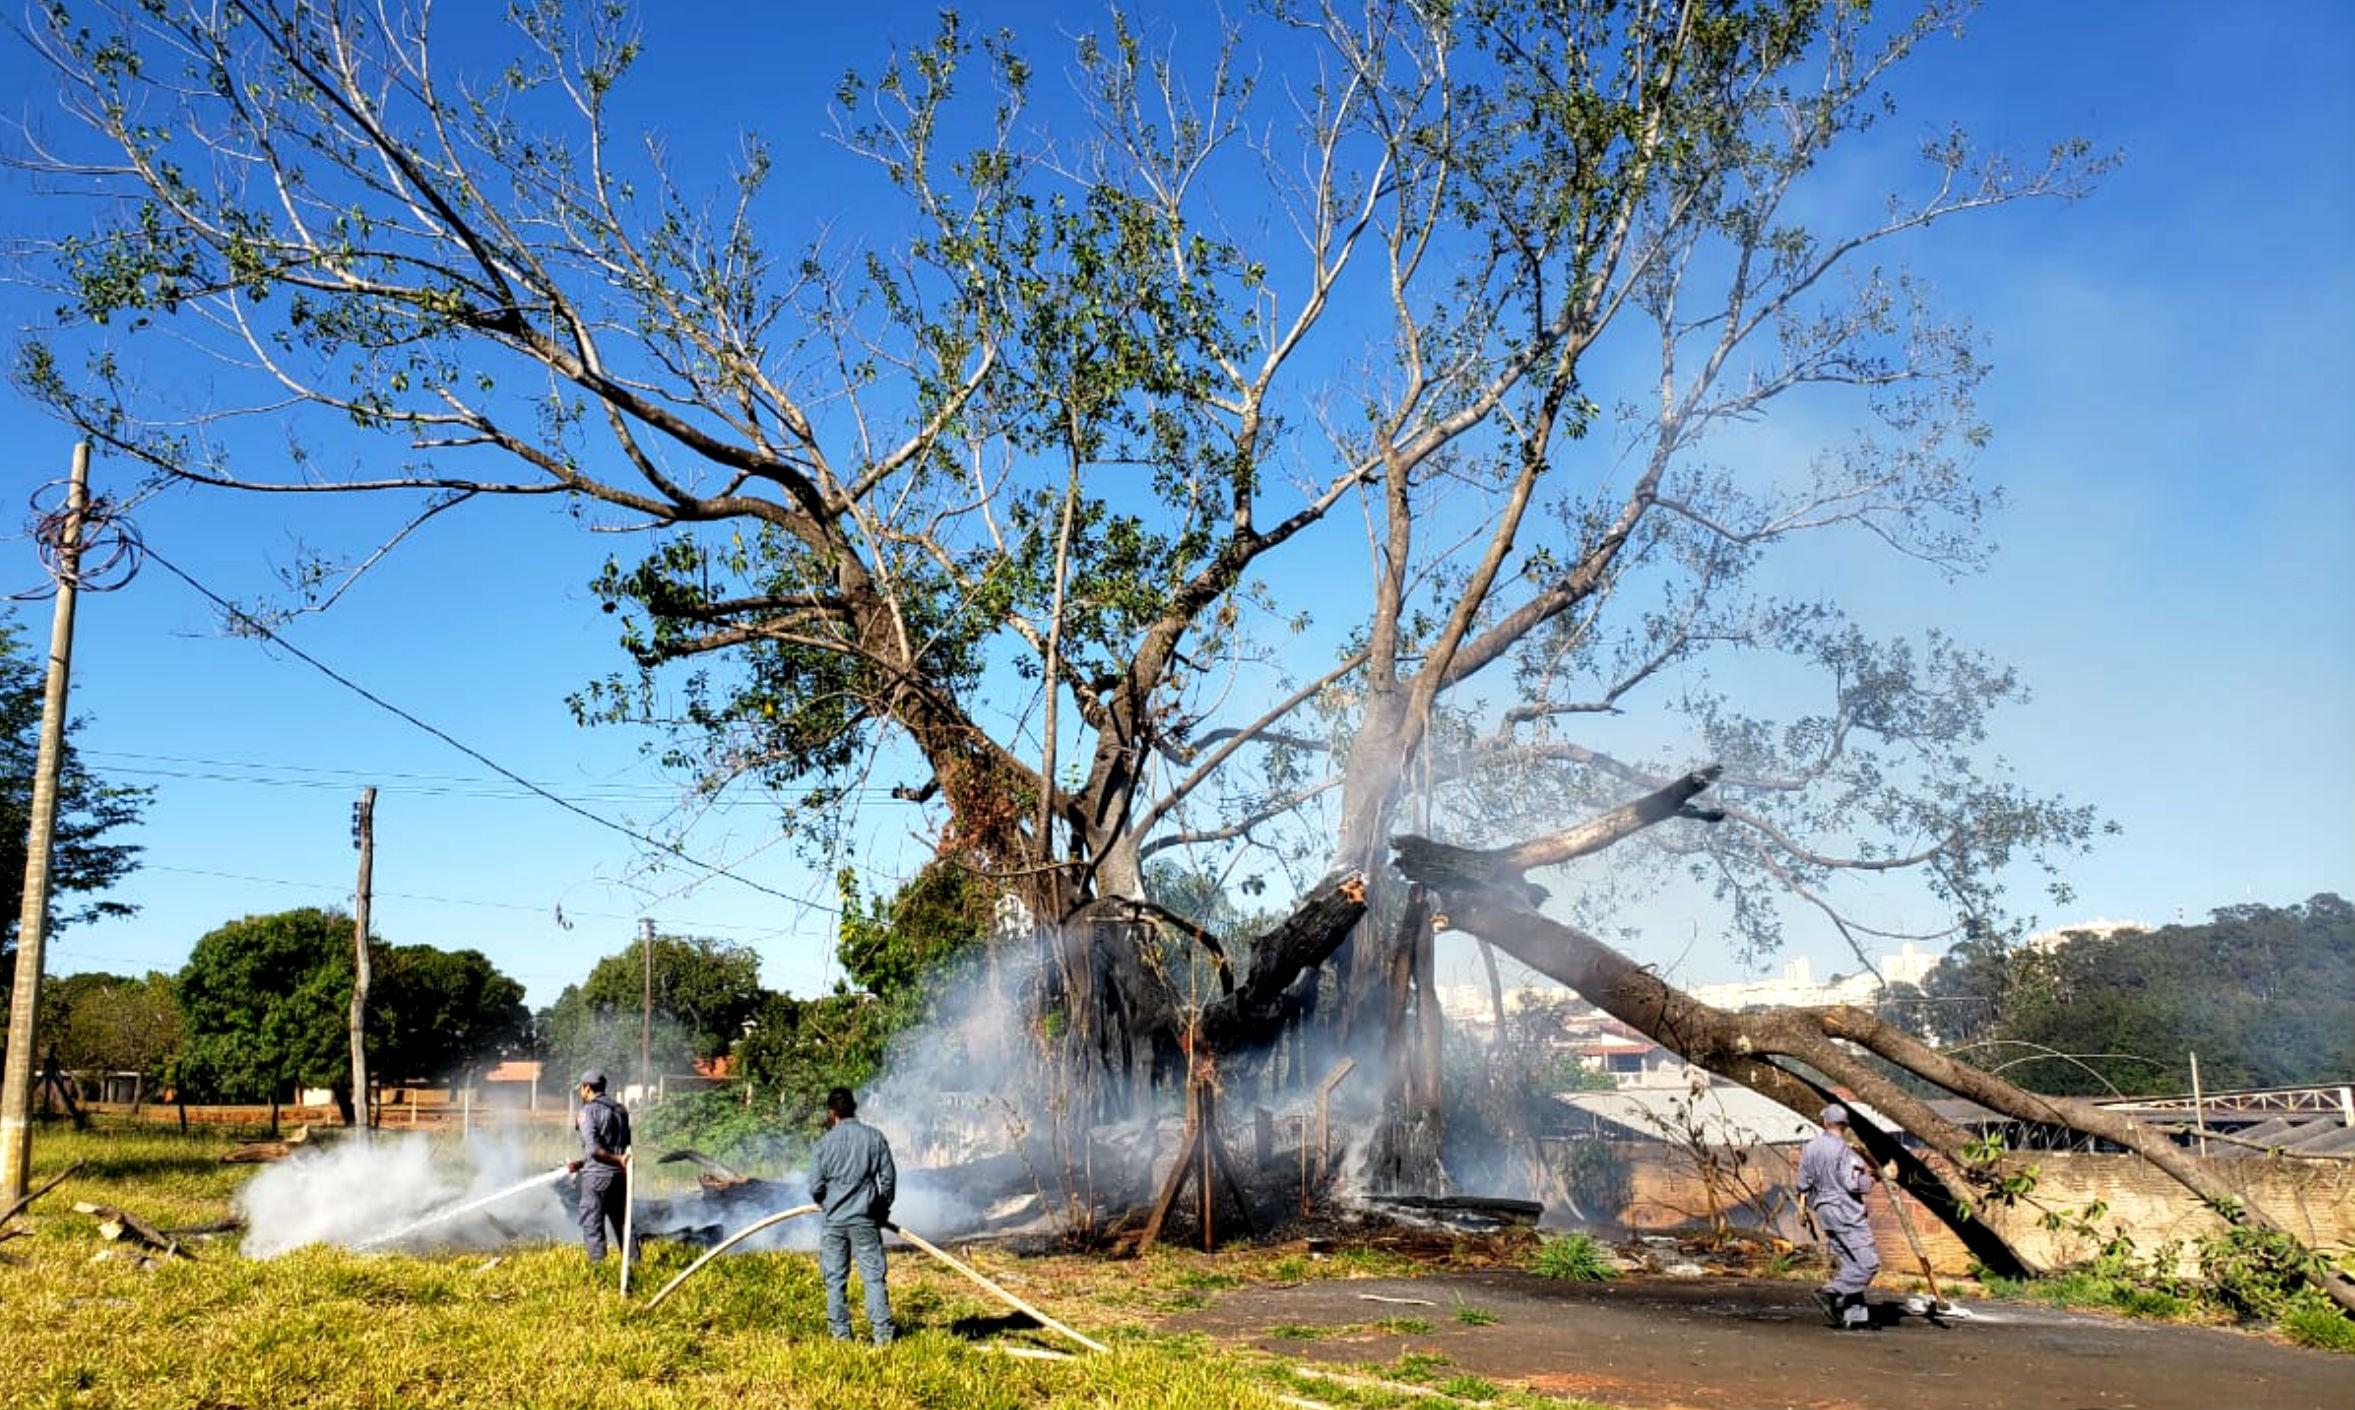 Após incêndio, seringueira com mais de 50 anos é cortada em Bauru - Notícias - Plantão Diário